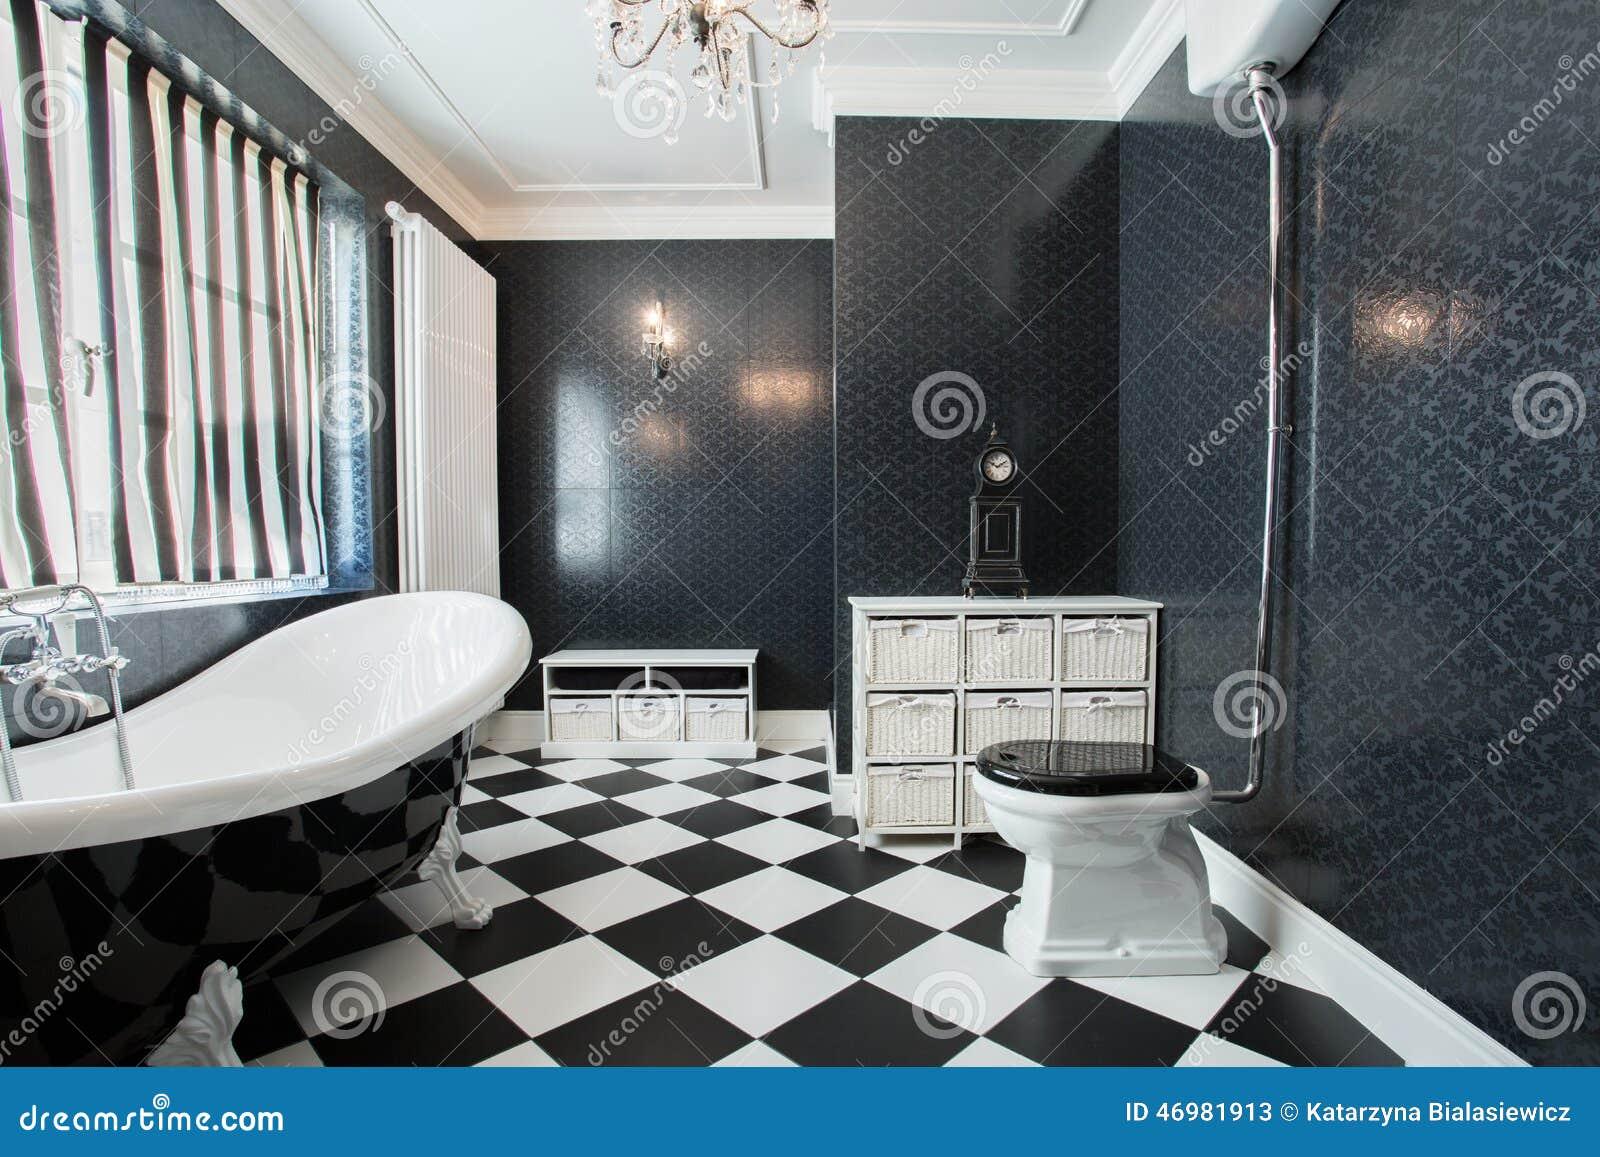 bagno bianco e nero immagine stock. immagine di nuovo - 46981913 - Bagni Neri Moderni